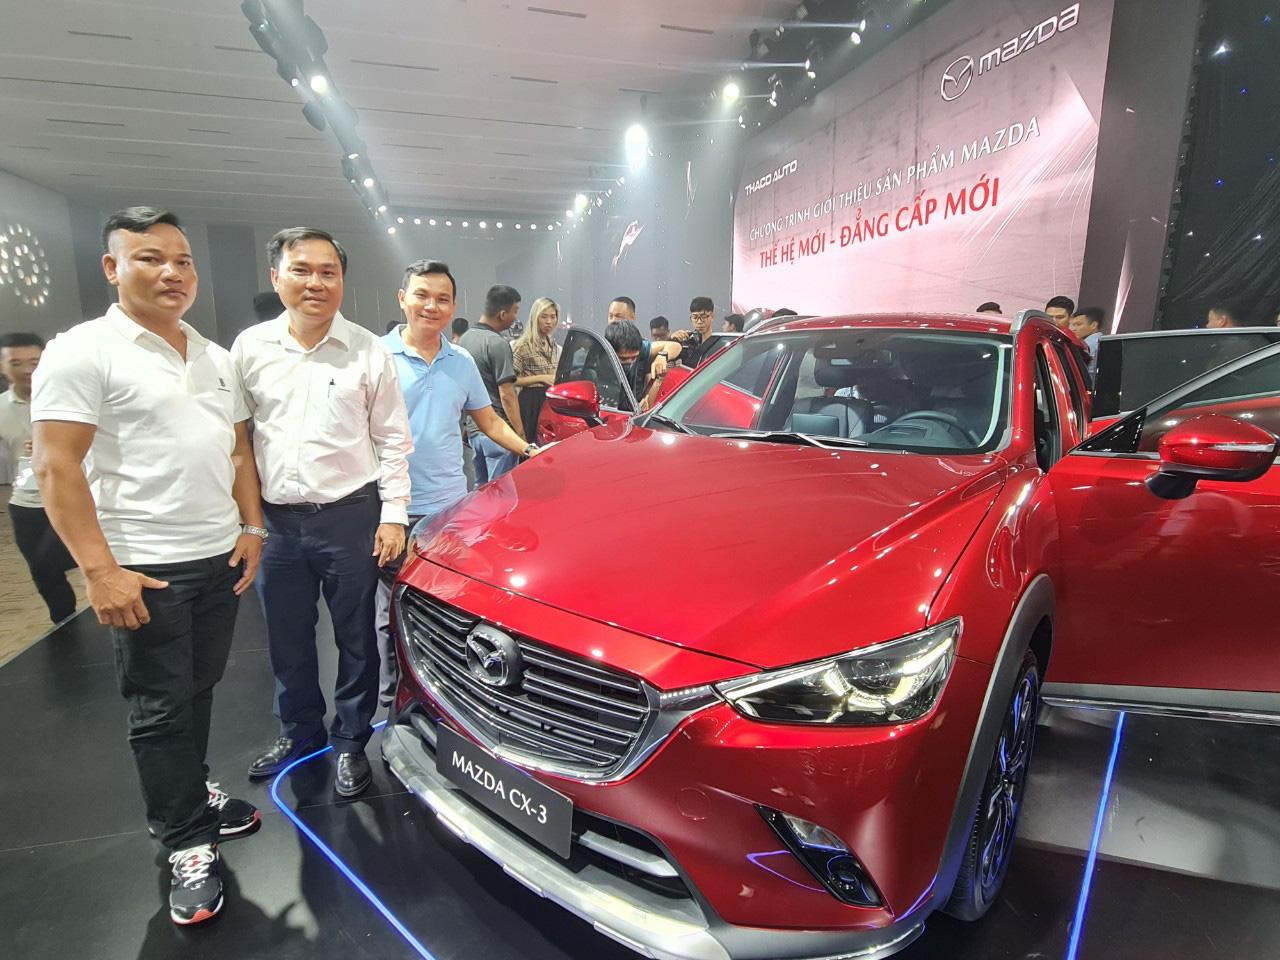 """Quảng Nam: Tỷ phú Trần Bá Dương ra dòng xe Mazda CX-30 """"thế hệ mới - đẳng cấp mới"""".   - Ảnh 4."""